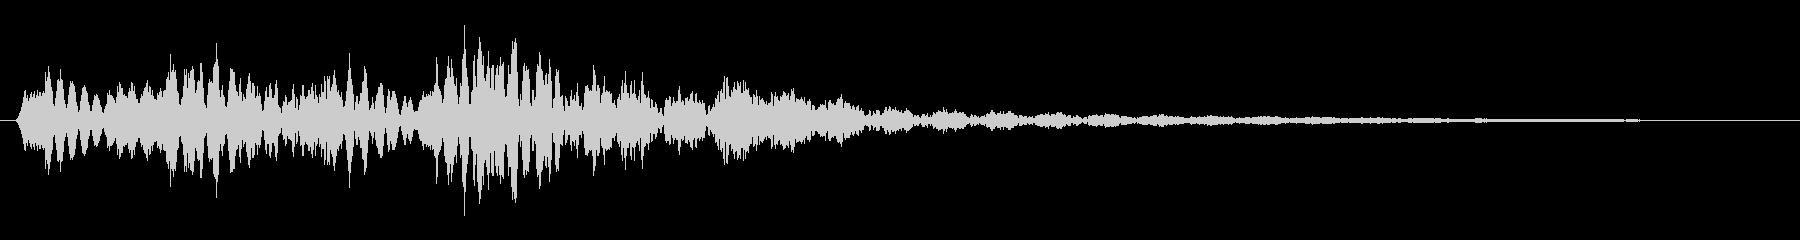 動き(ビブラフォン)の未再生の波形